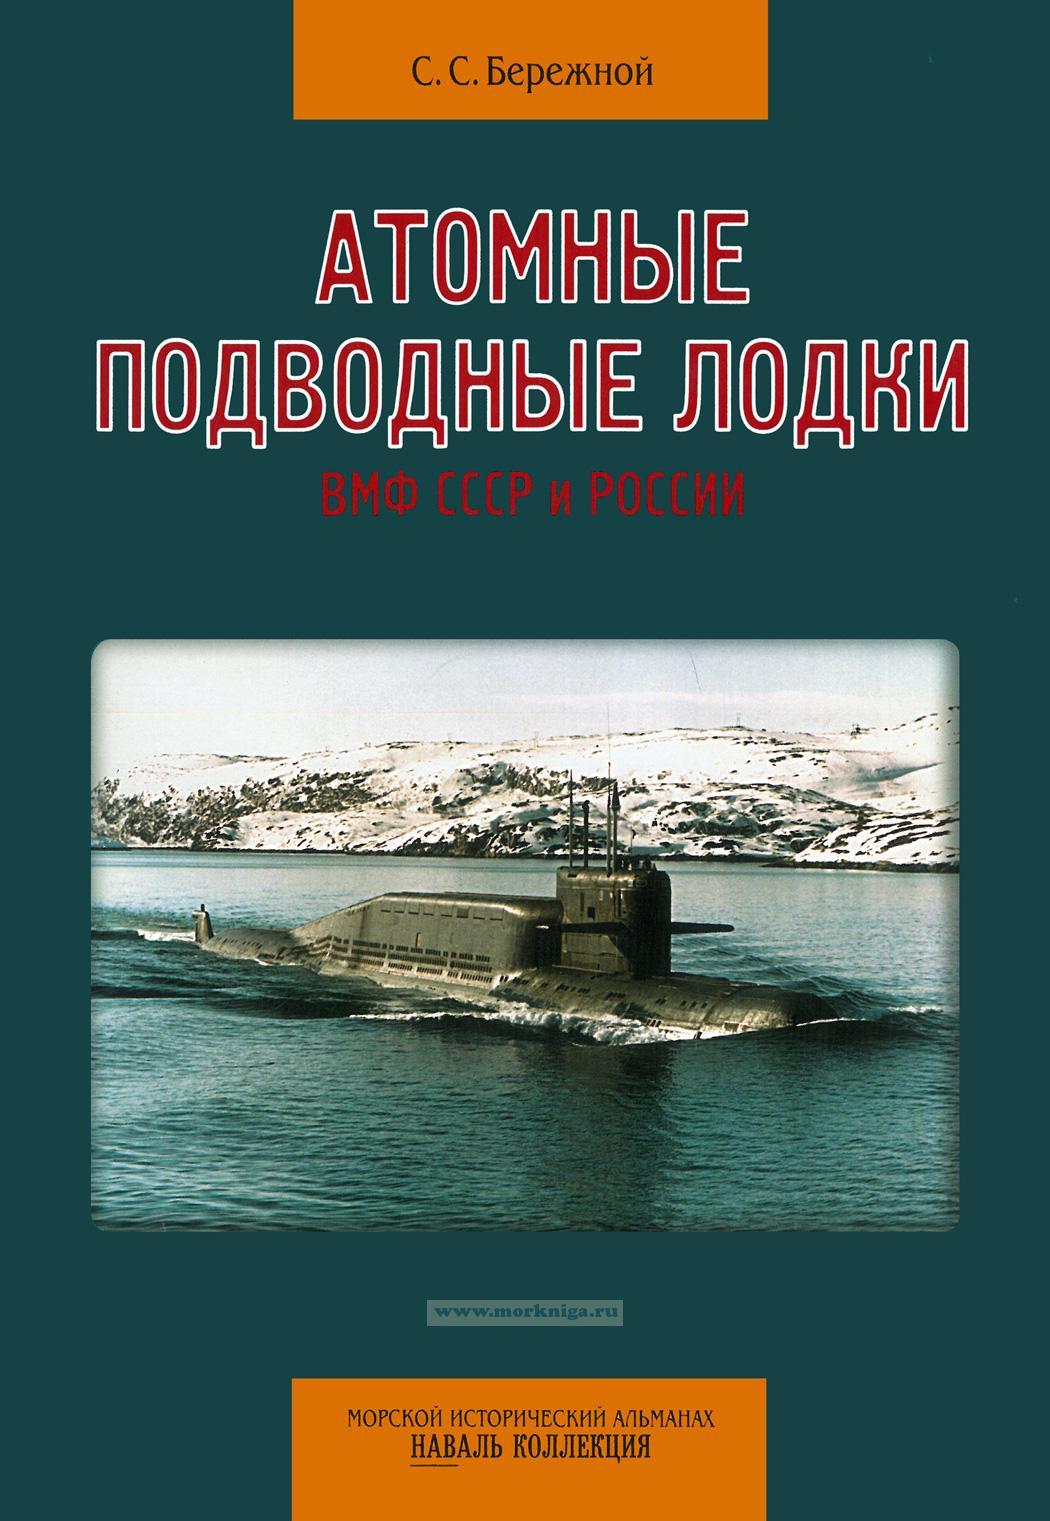 Атомные подводные лодки ВМФ СССР и России